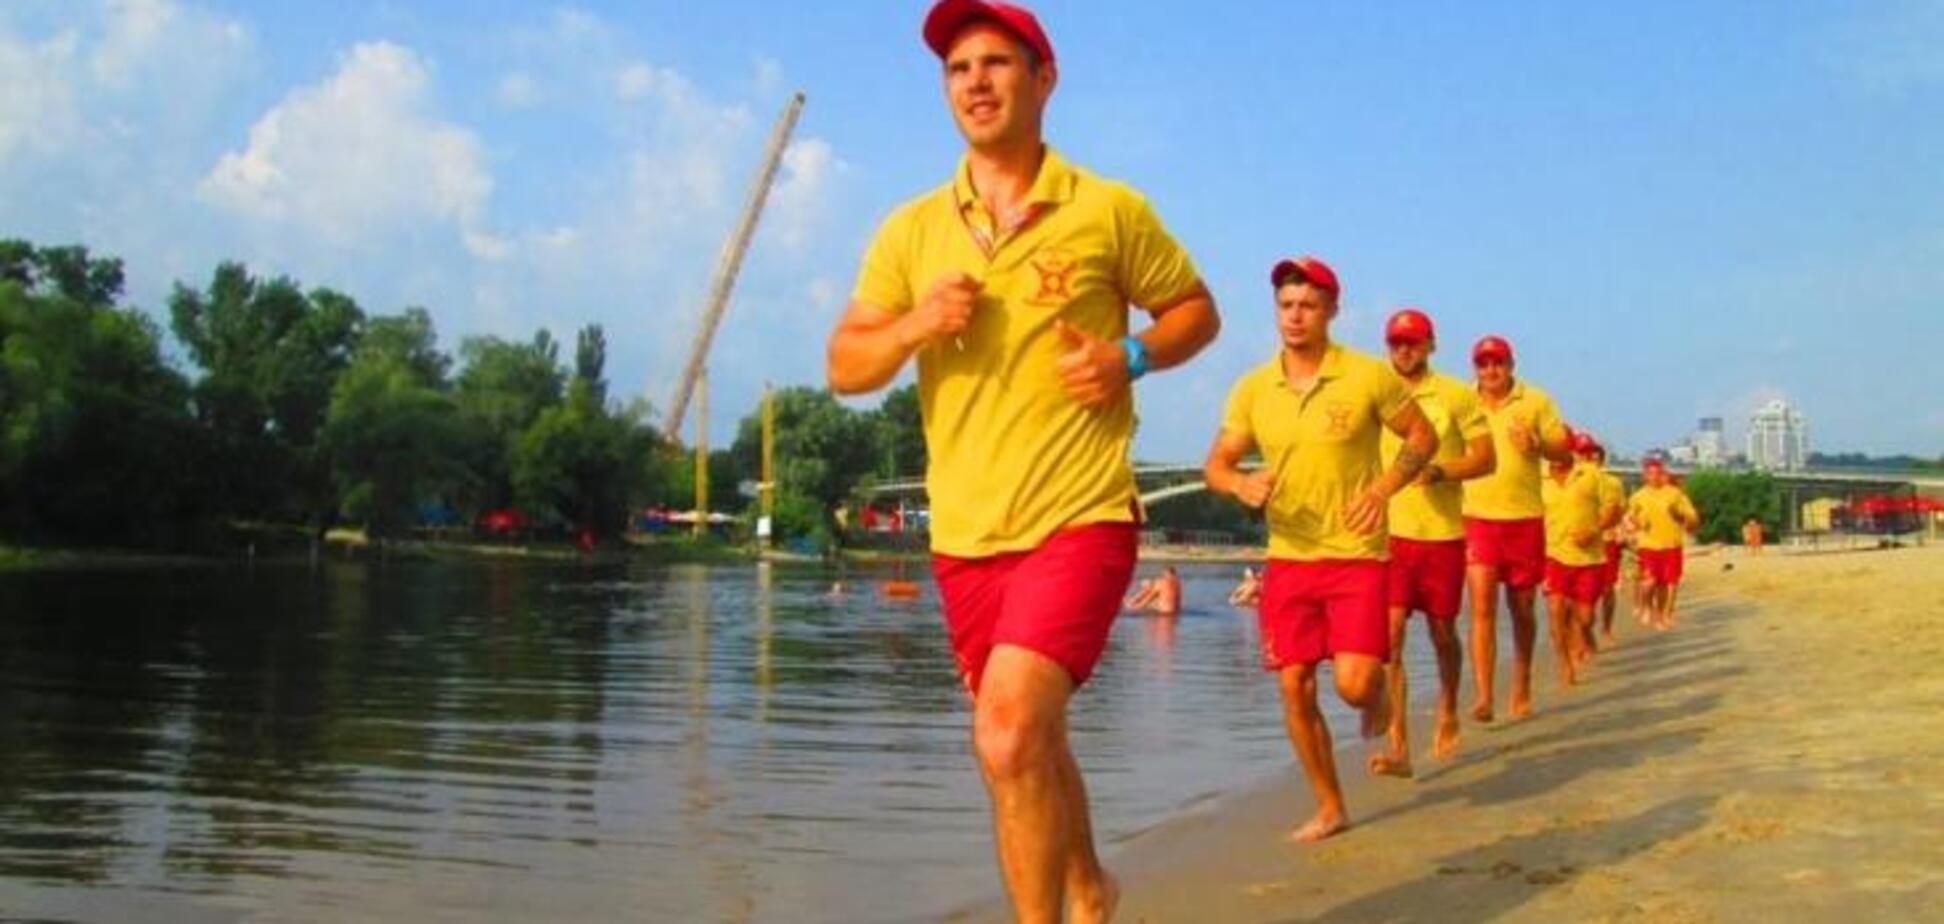 Большой пляж и зона фестивалей: как Гидропарк готовят к лету